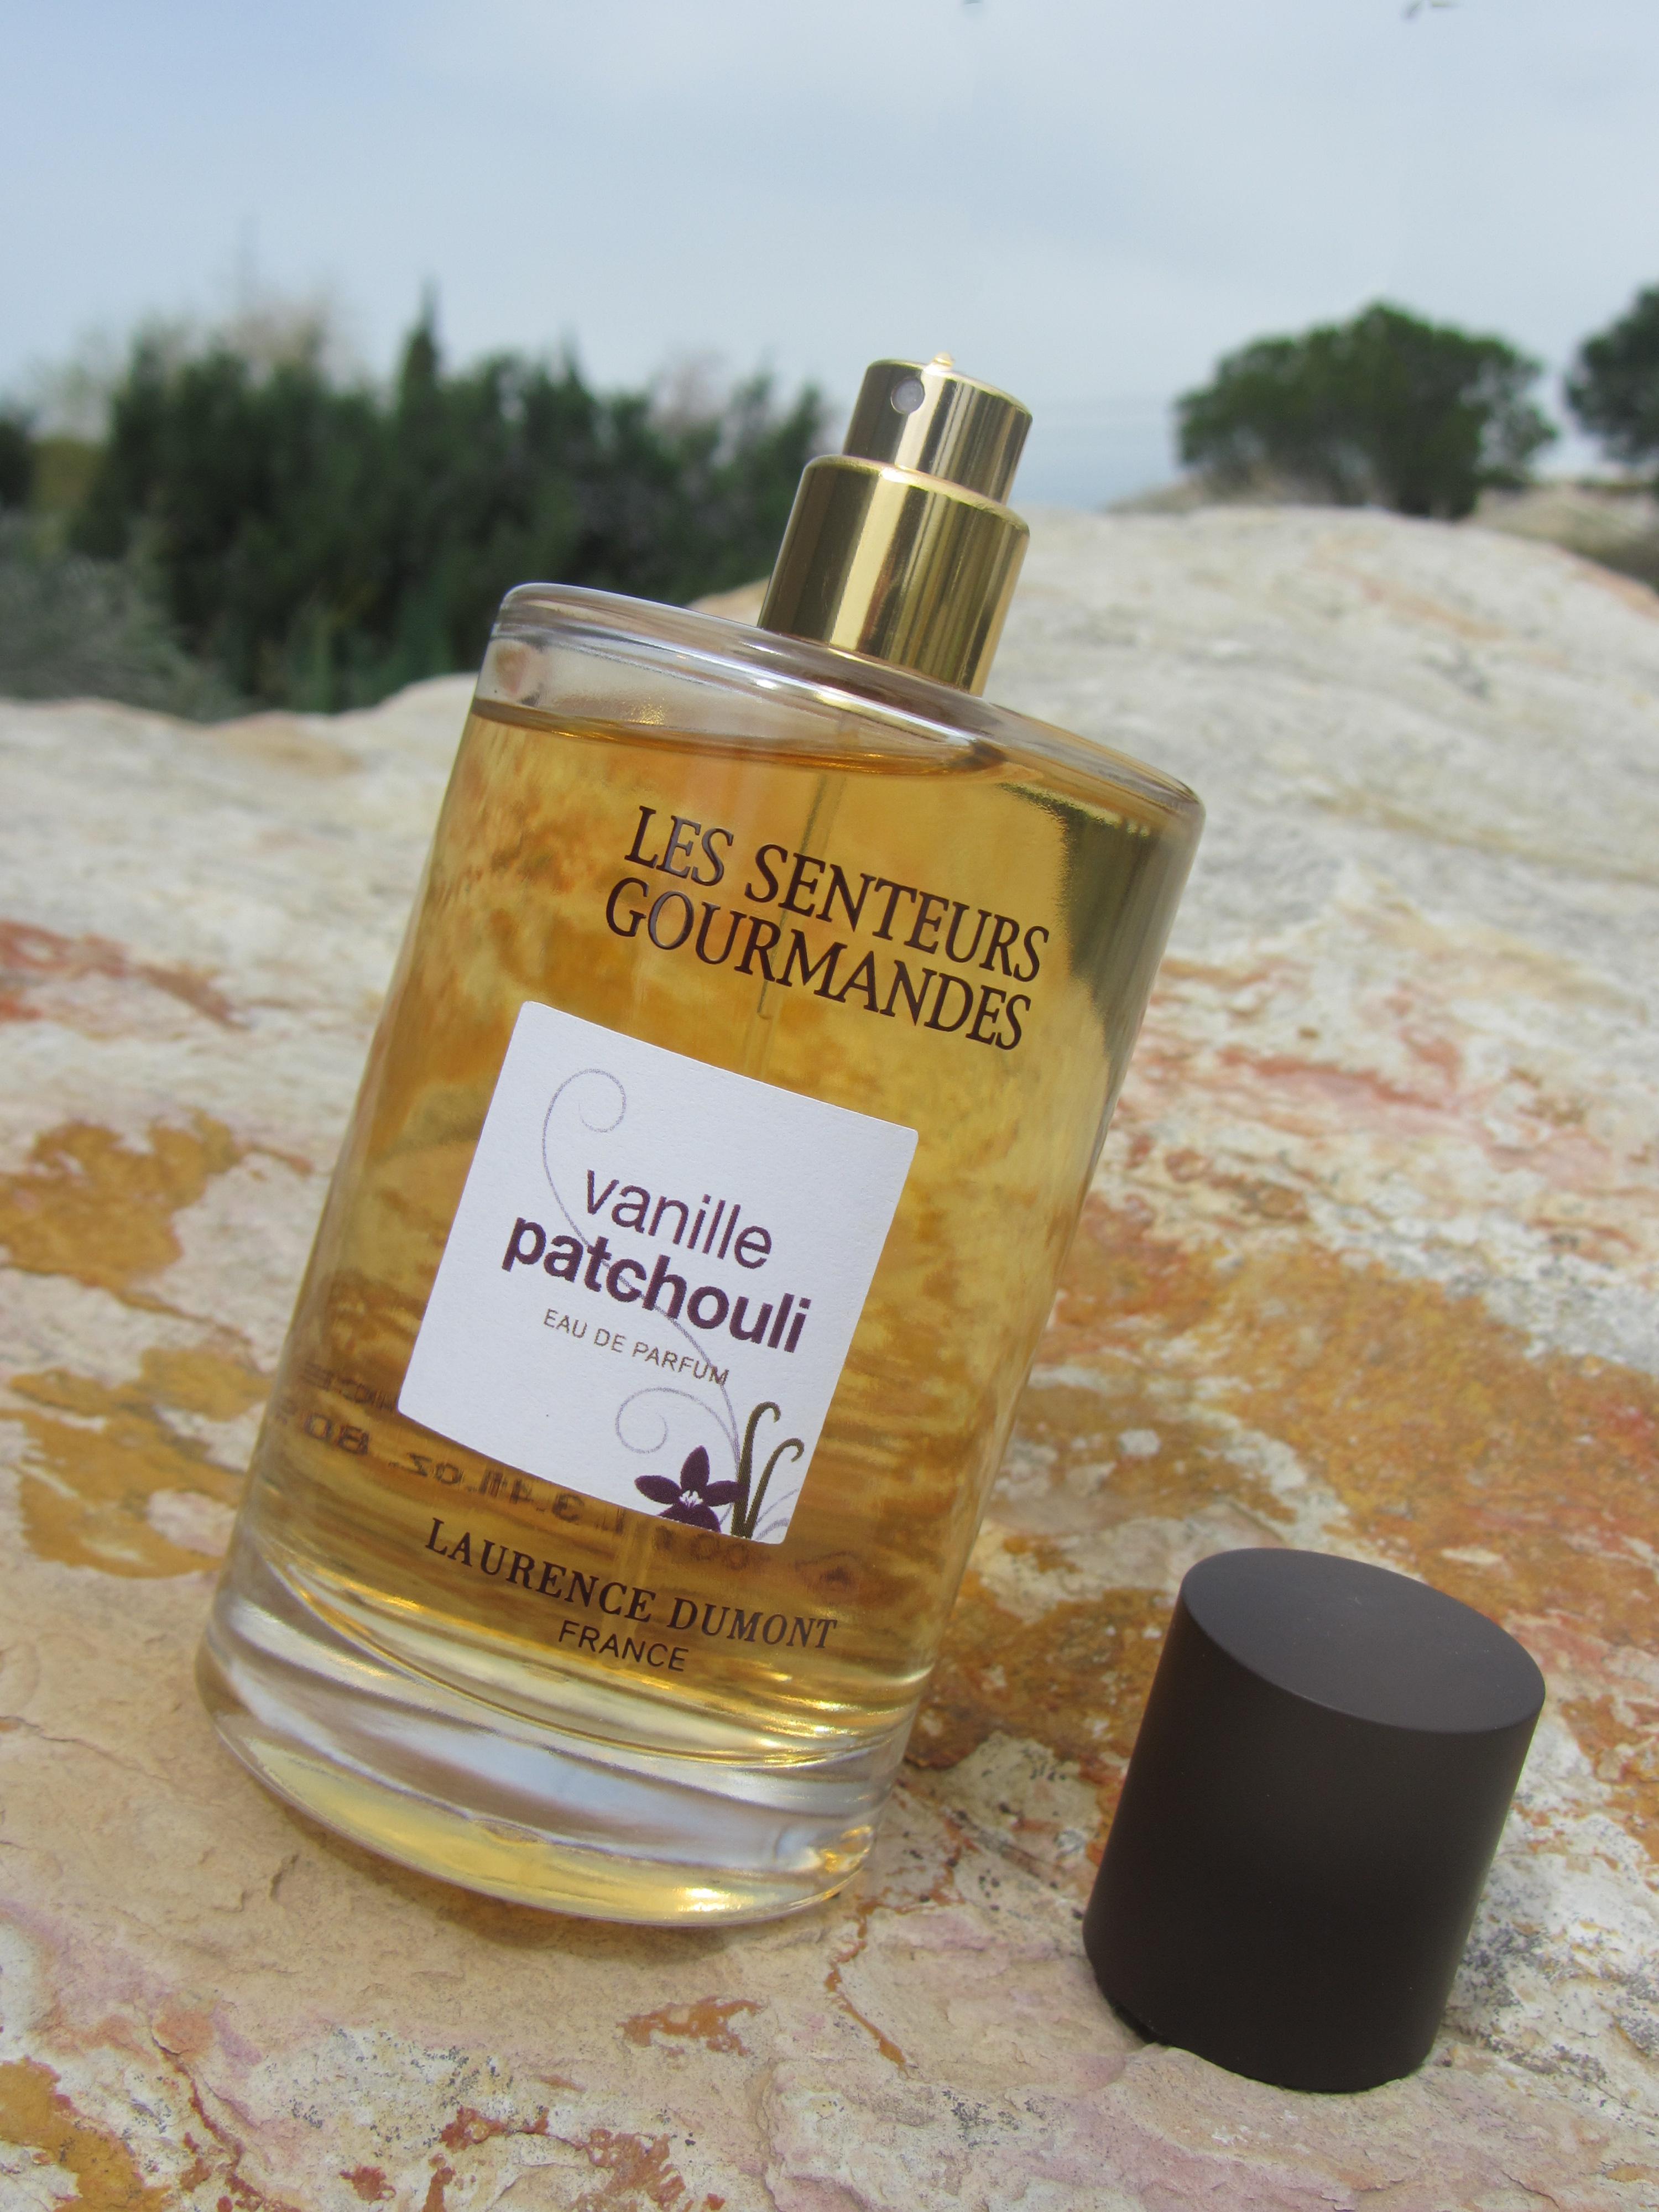 De Patchouli City GourmandesEau Parfum Vanille The Les Senteurs – hxtQrdCs